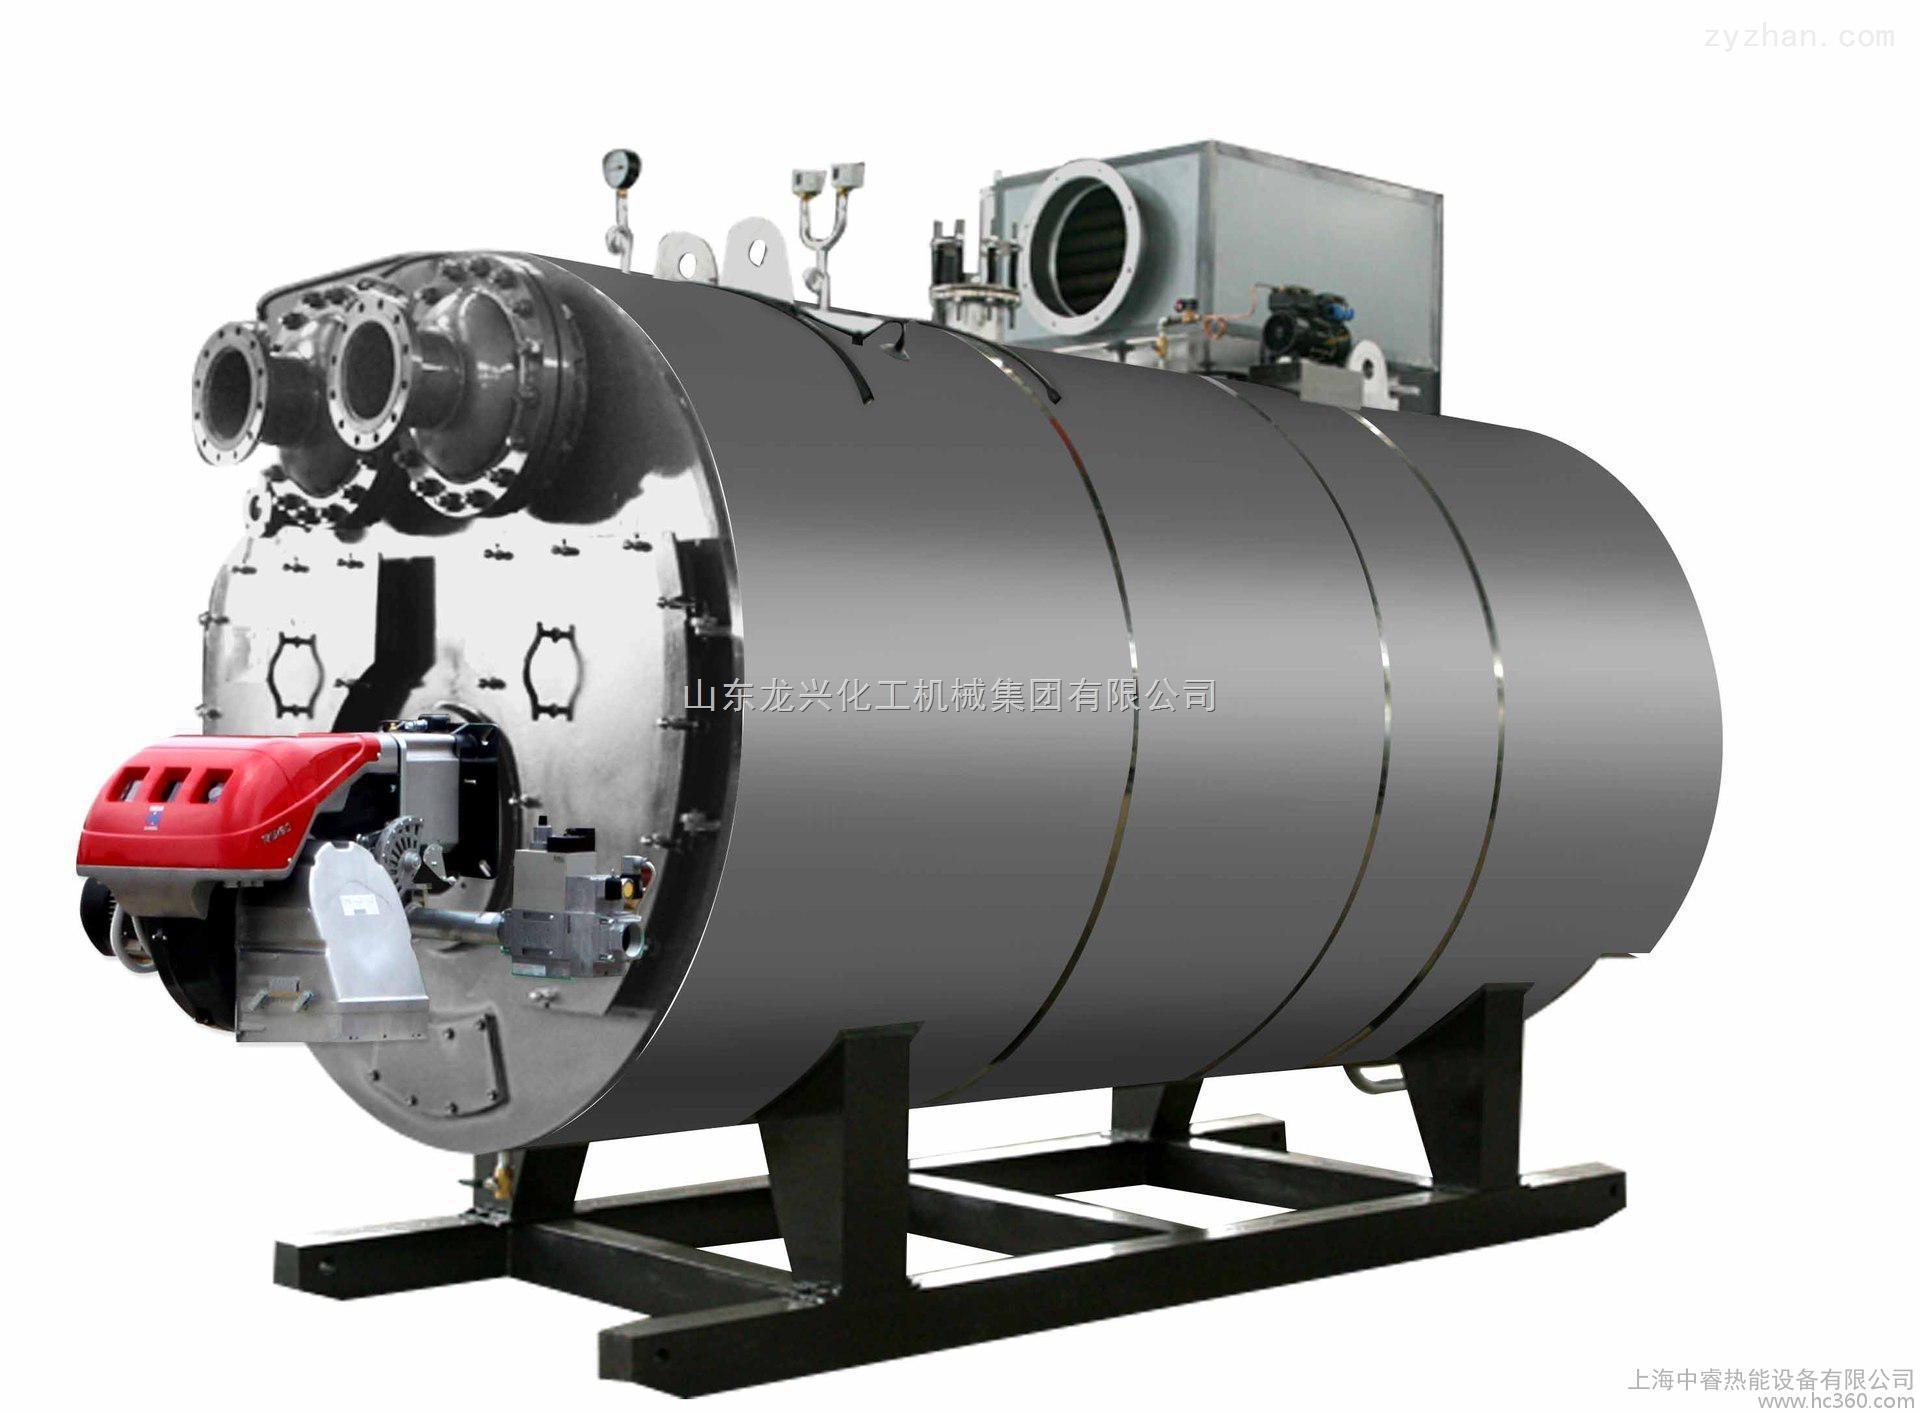 龙兴 CWNS型燃气热水锅炉  控制:锅炉配备先进的自动化控制系统,液晶屏幕显示,燃烧器动态图形显示。 1、 水位实时监控功能:配有电子检测水位装置,实时监控锅炉炉水位。 2、 时间设置功能:用户可根据需要,自由组合设定锅炉的启停时间。 3、 漏电保护功能:控制系统检测到电热元件漏电后,将自动切断电源。 4、 缺水保护功能:当锅炉缺水时及时切断燃烧器控制电路,防止燃烧器发生干烧损坏,同时控制器发出缺水报警提示。 5、 电源异常保护功能:锅炉立刻停止运行。 龙兴 CWNS型燃气热水锅炉  高效:巨龙热水锅